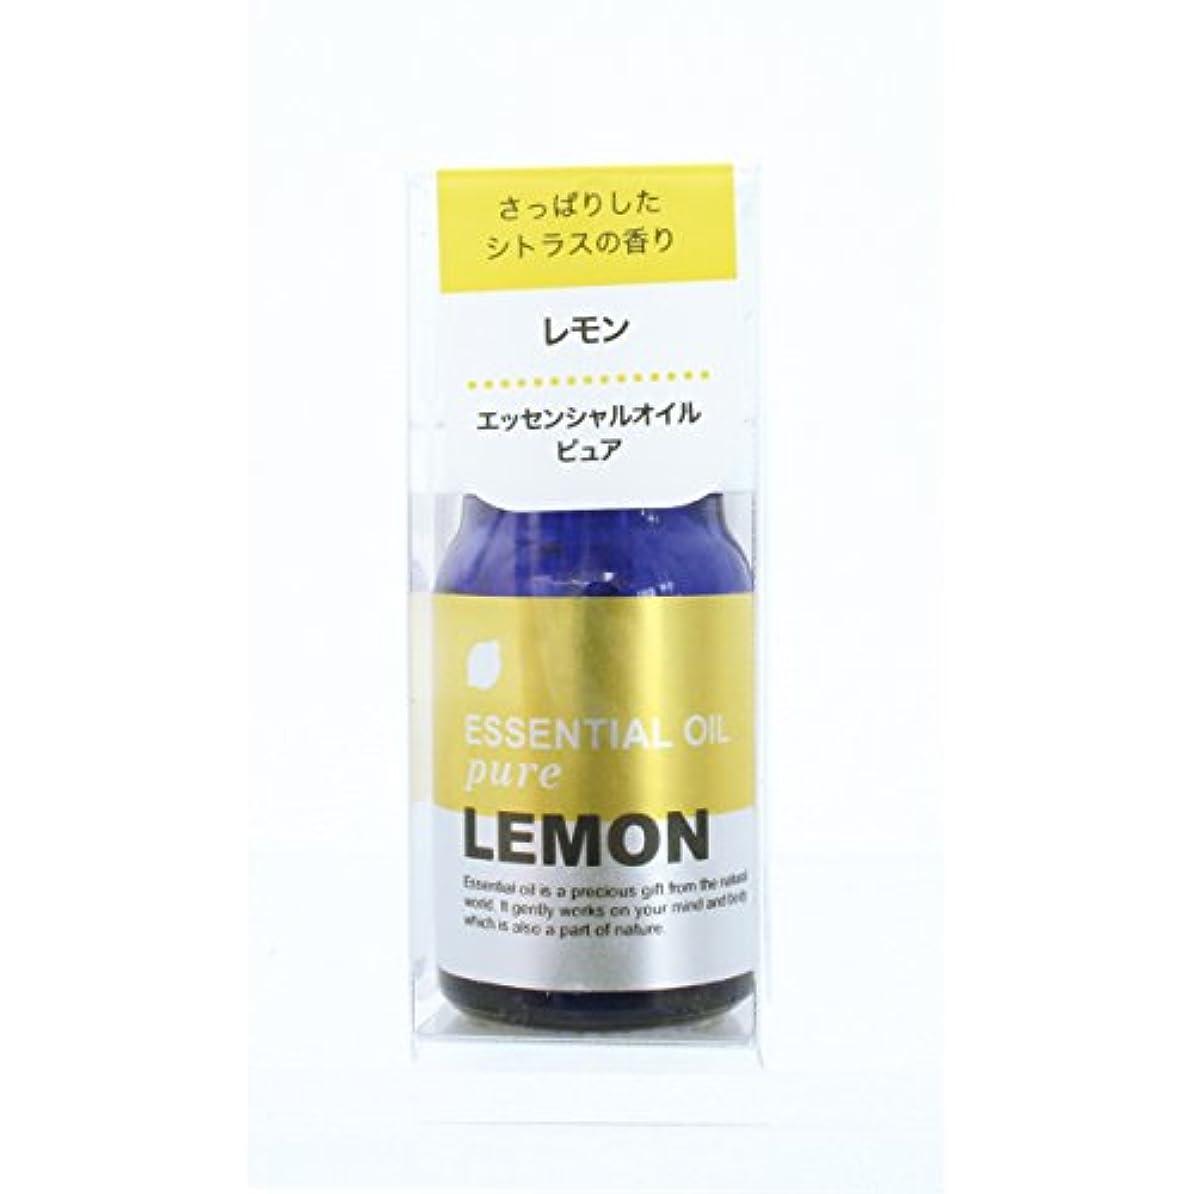 直面するよろめくそれに応じてプチエッセンシャルオイル レモン